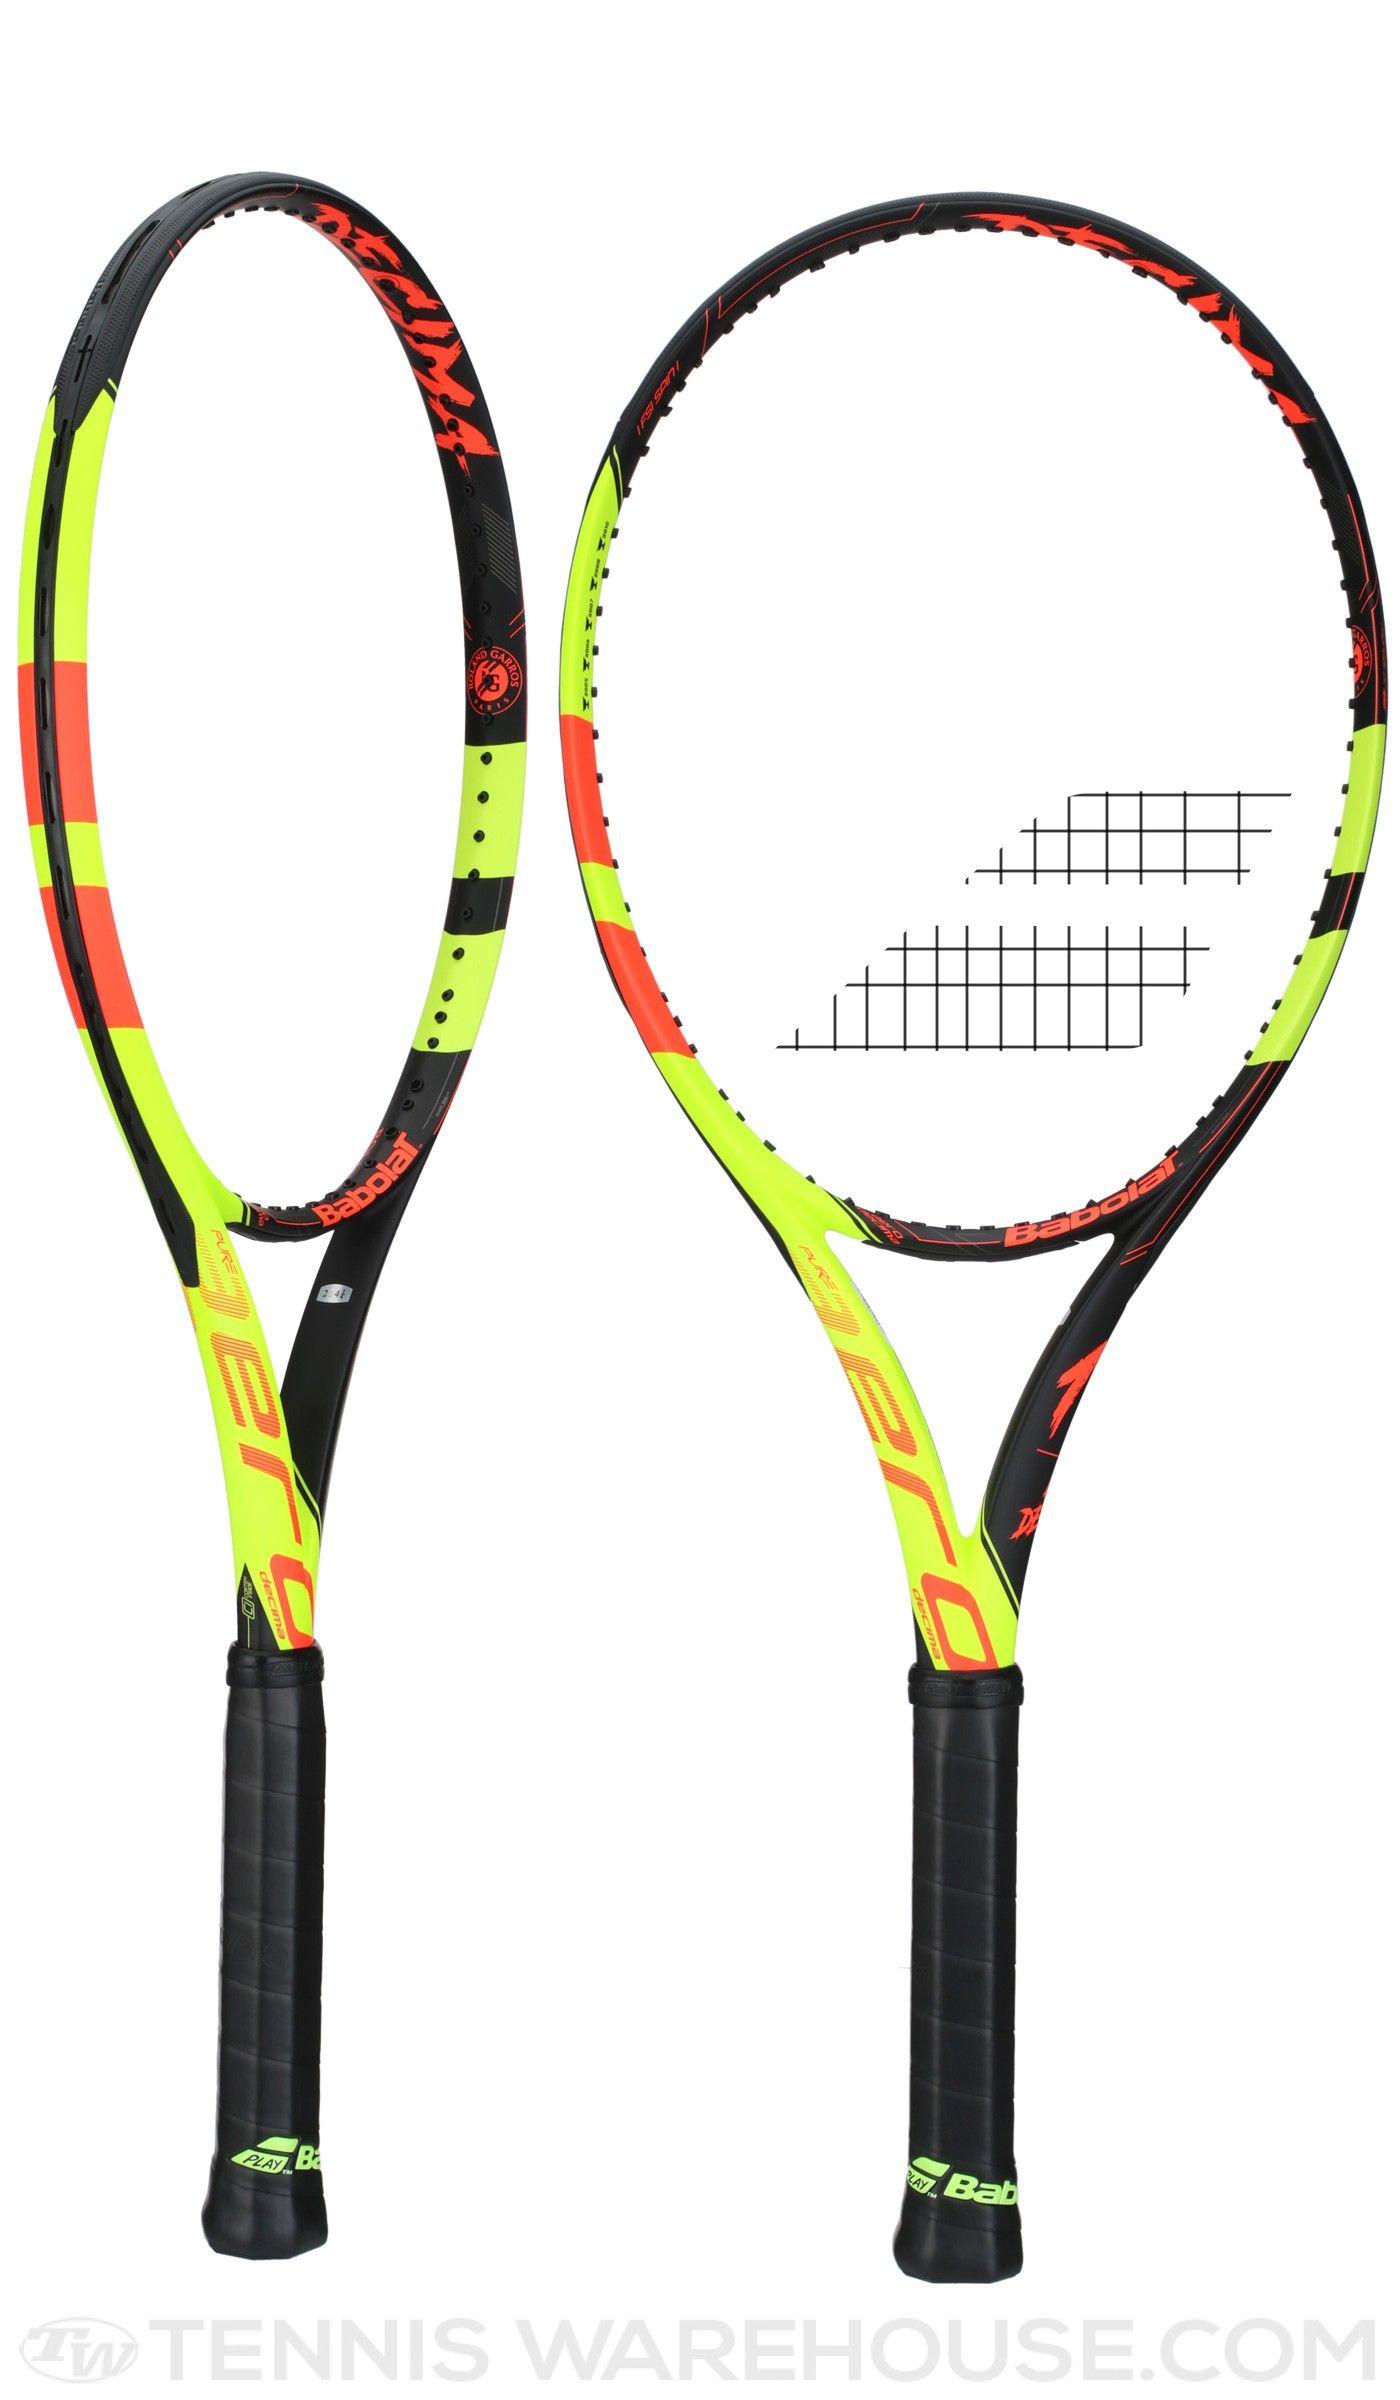 73a5a3e7371f Babolat Pure Aero La Decima French Open Racquets- Now Available for  presale!  tennis  Babolat  PureAero  LaDecima